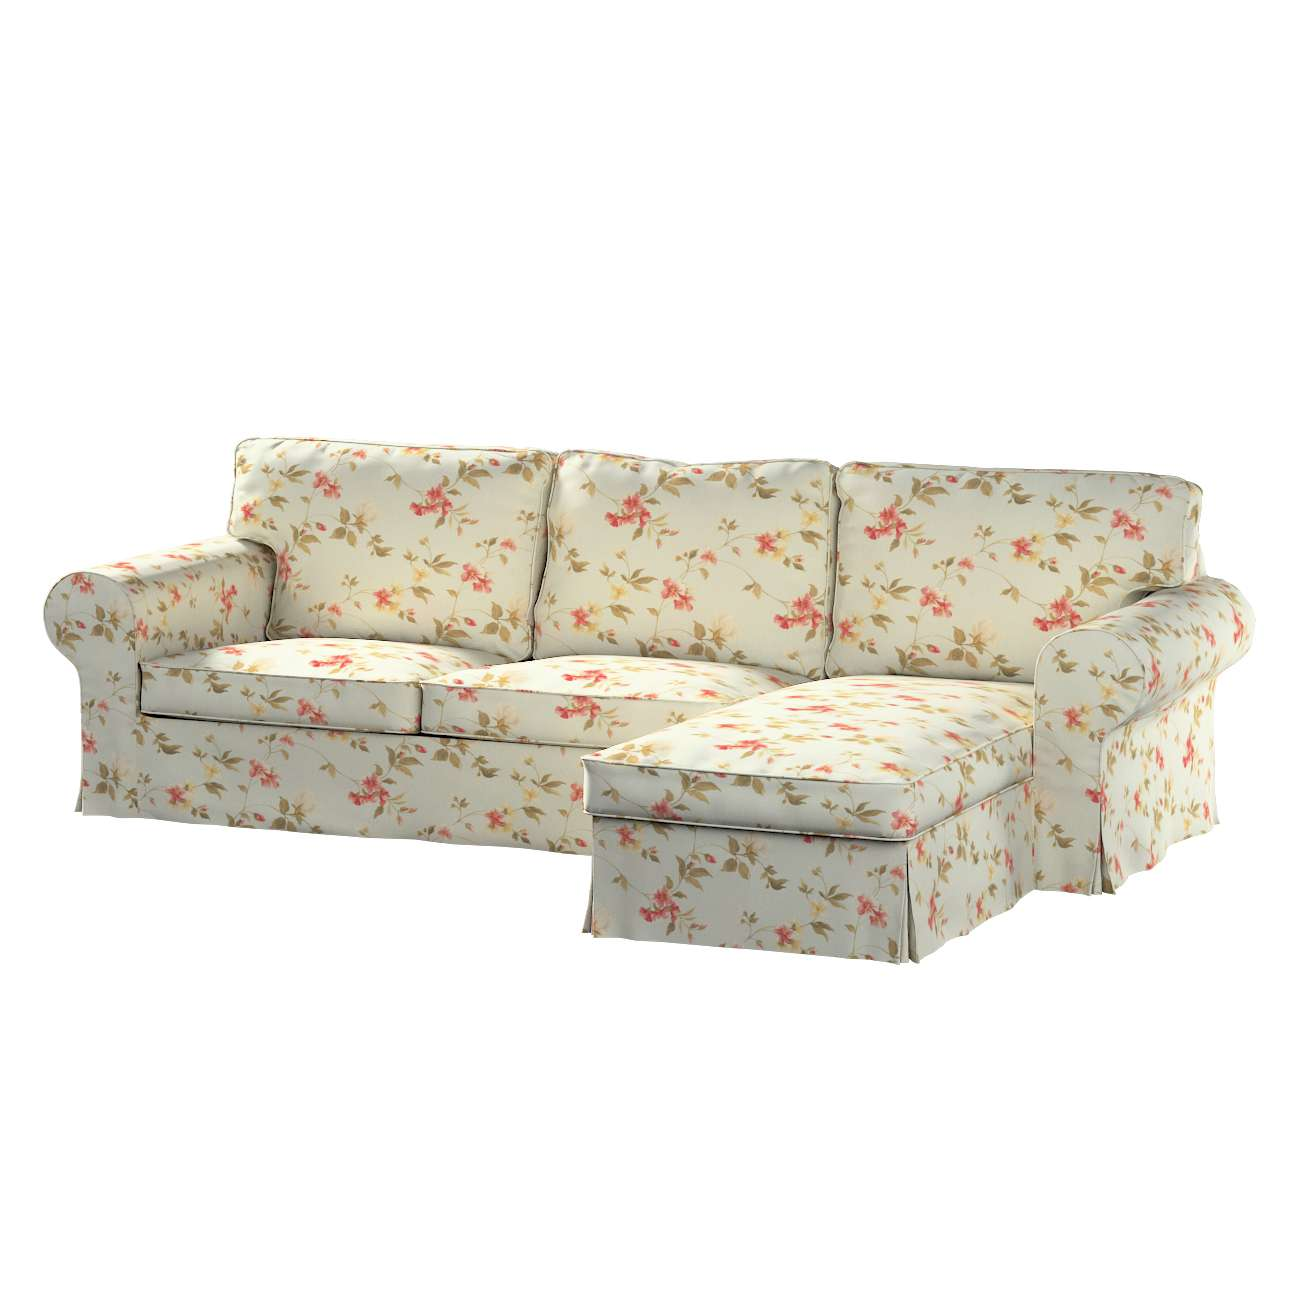 Pokrowiec na sofę Ektorp 2-osobową i leżankę sofa ektorp 2-os. i leżanka w kolekcji Londres, tkanina: 124-65